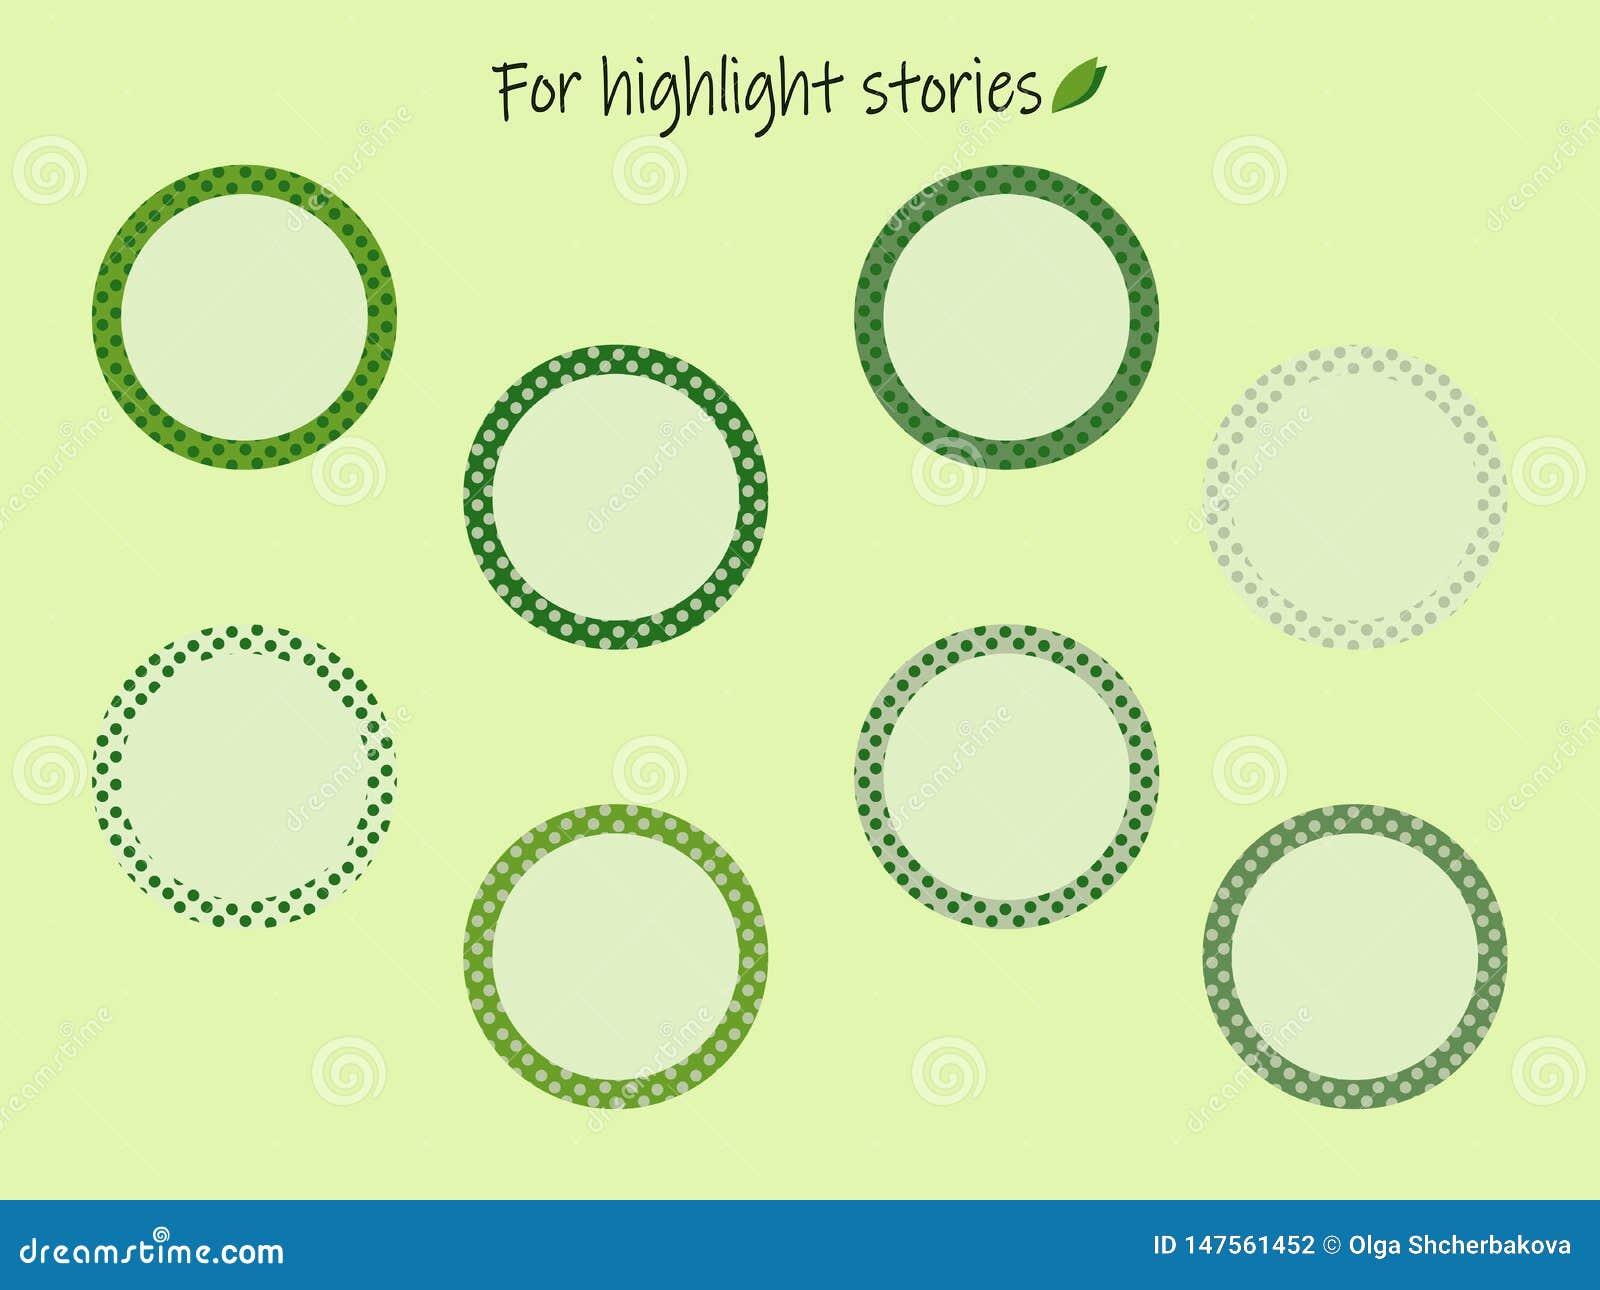 Höhepunkt-Geschichtenikonen mit grünen Erbsen für die Aufschriften